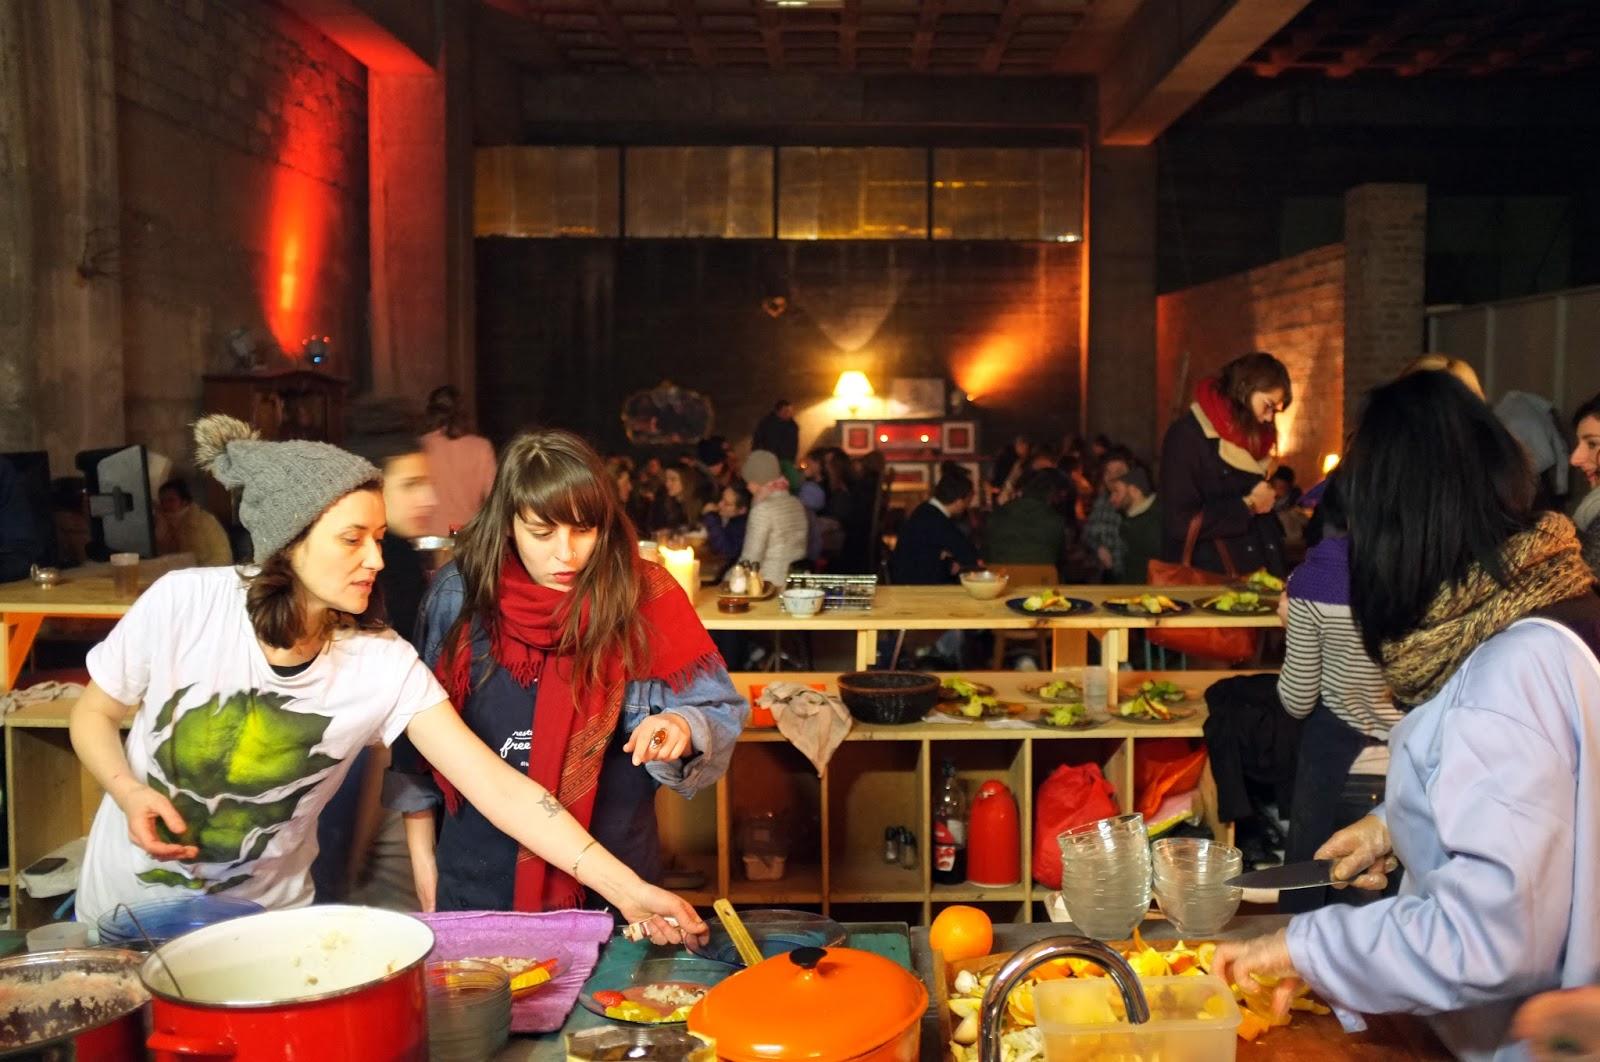 prostitutas camufladas como restaurantes prostitutas en el barrio del pilar